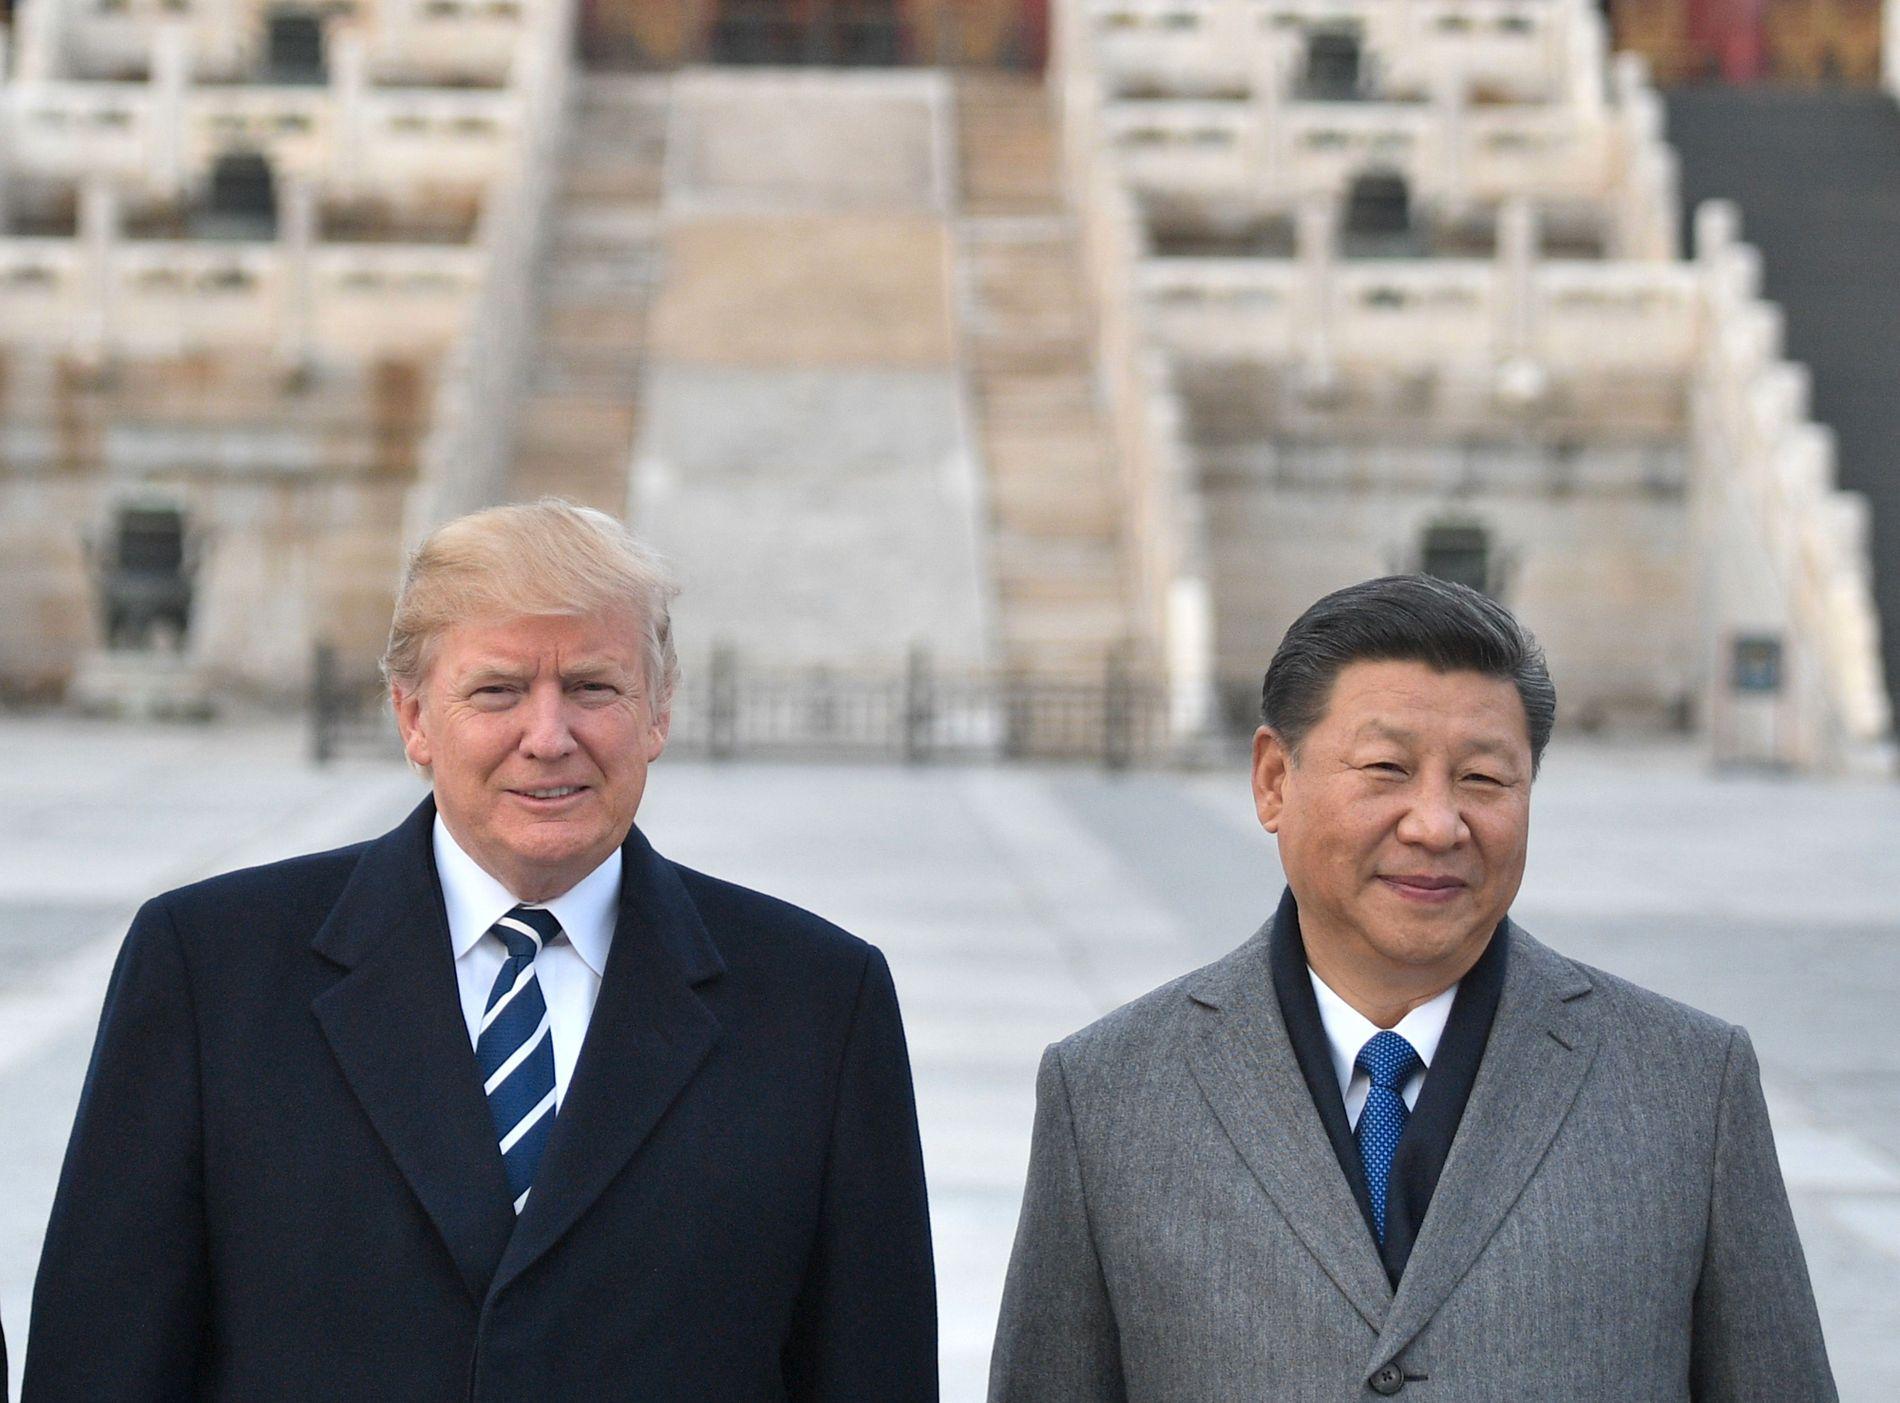 HANDELSKRIG: Trump økte tollen på importerte solcellepaneler. Tollen skulle straffe Kina, men dette vinner hverken Kina, amerikanske borgere eller verdenssamfunnet på, skriver Sondre Hansmark.